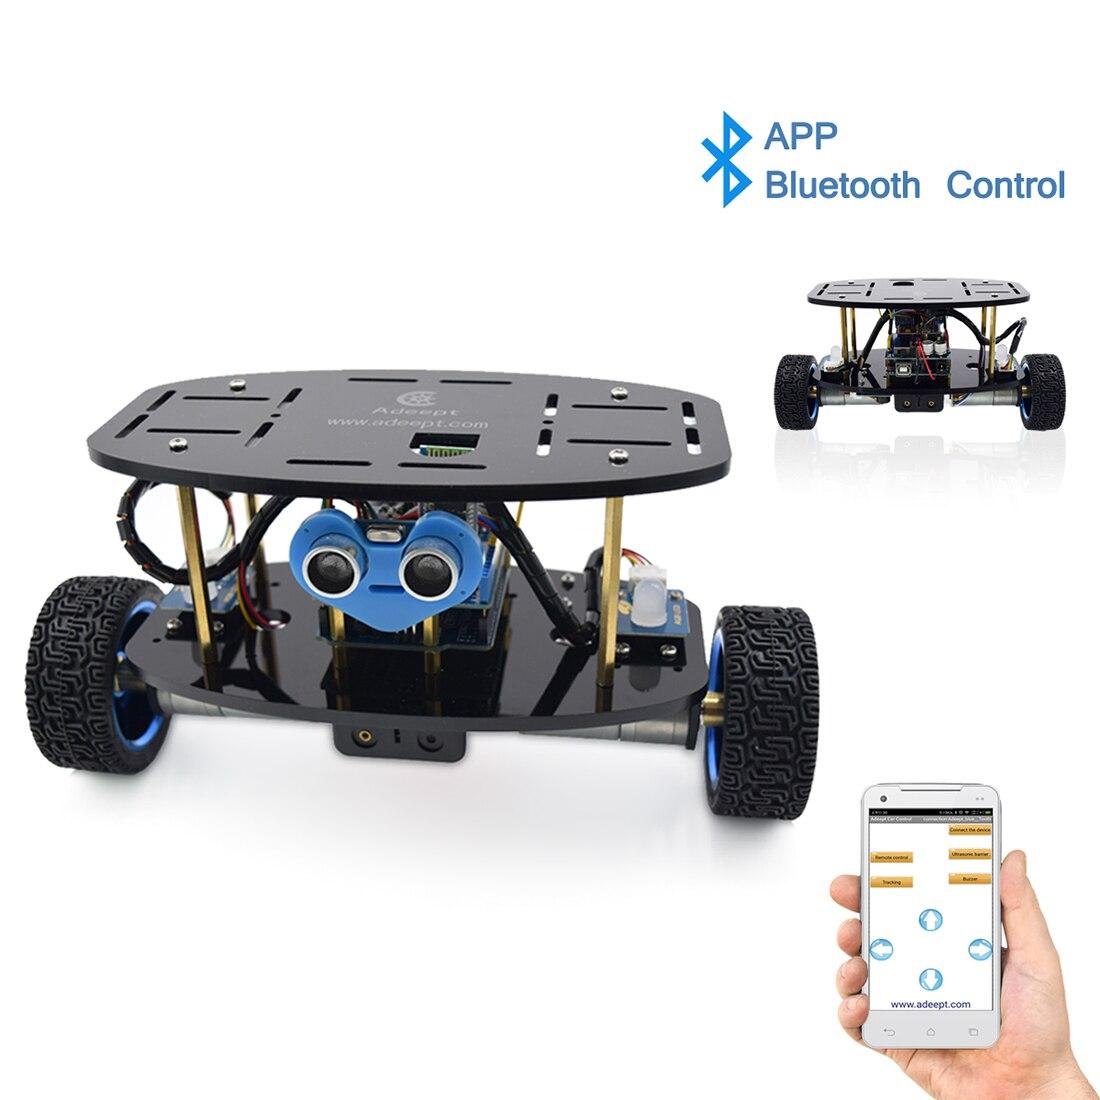 Adeept 2 roues auto-équilibrage vertical voiture Robot Kit MPU6050 accéléromètre Gyroscope capteur TB6612 pilote de moteur pour Arduino UNO R3